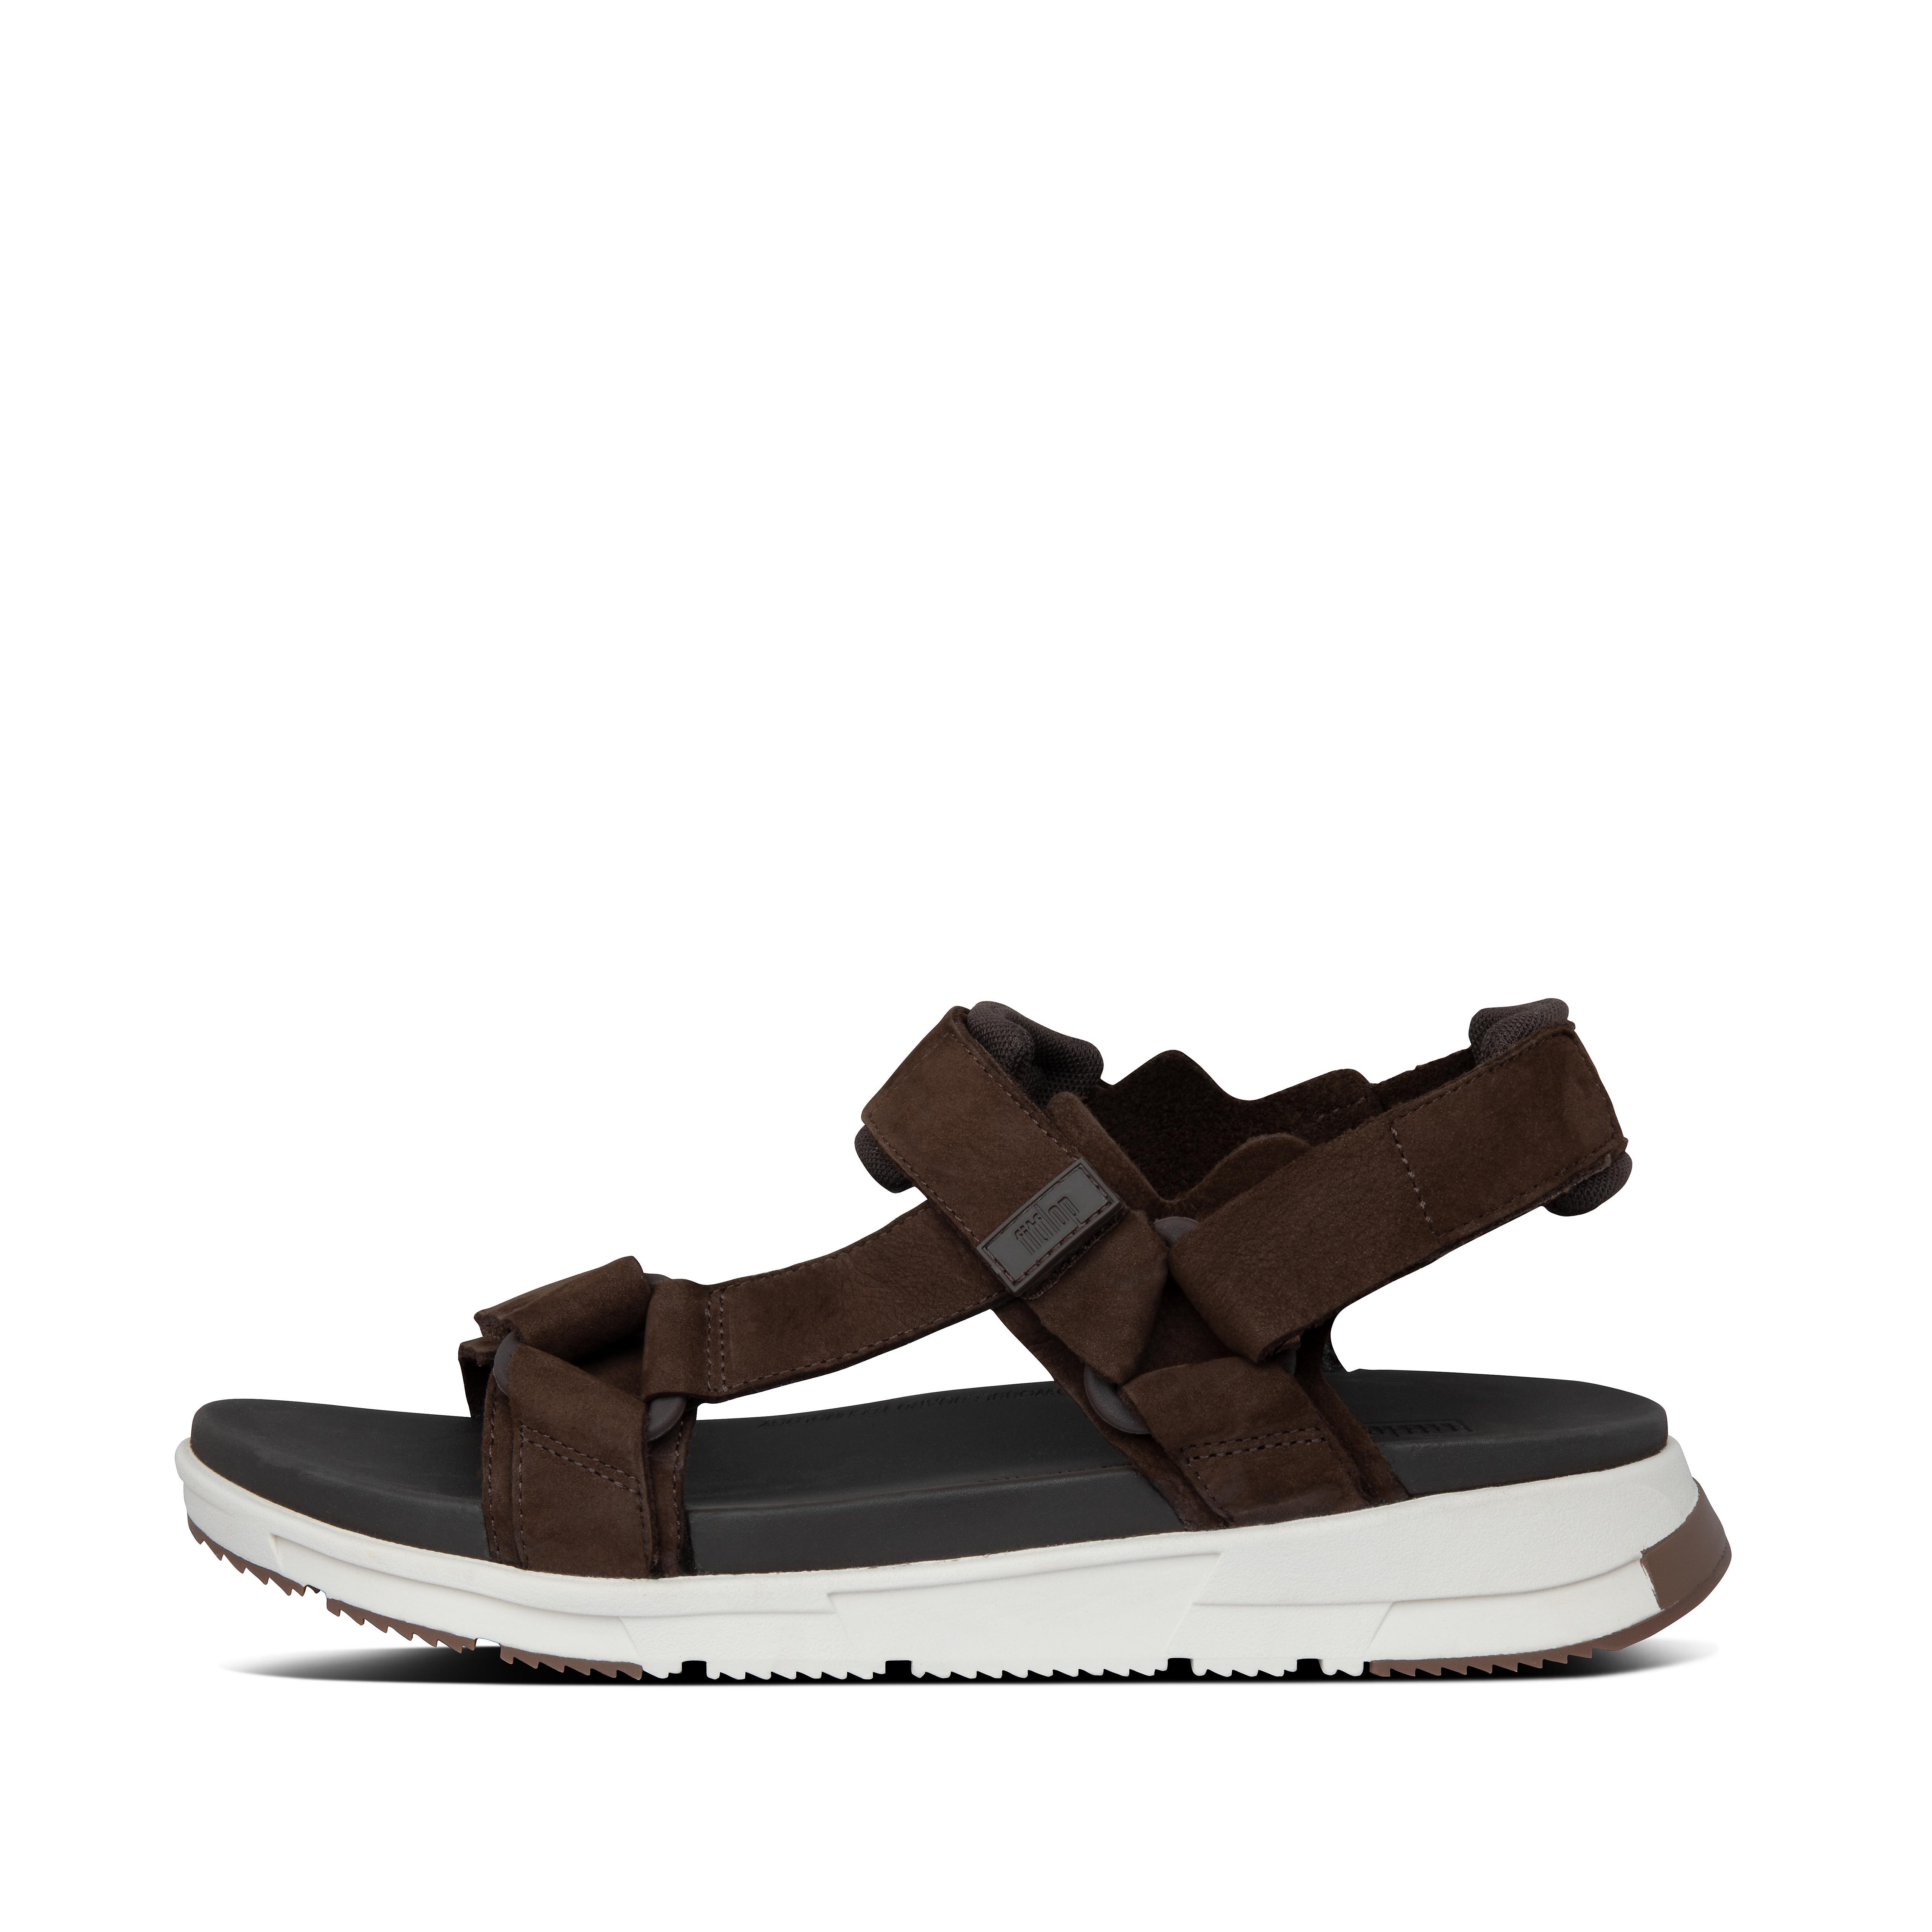 핏플랍 SPORTY 샌들 Mens Sporty Nubuck Back-Strap-Sandals,Chocolate Brown